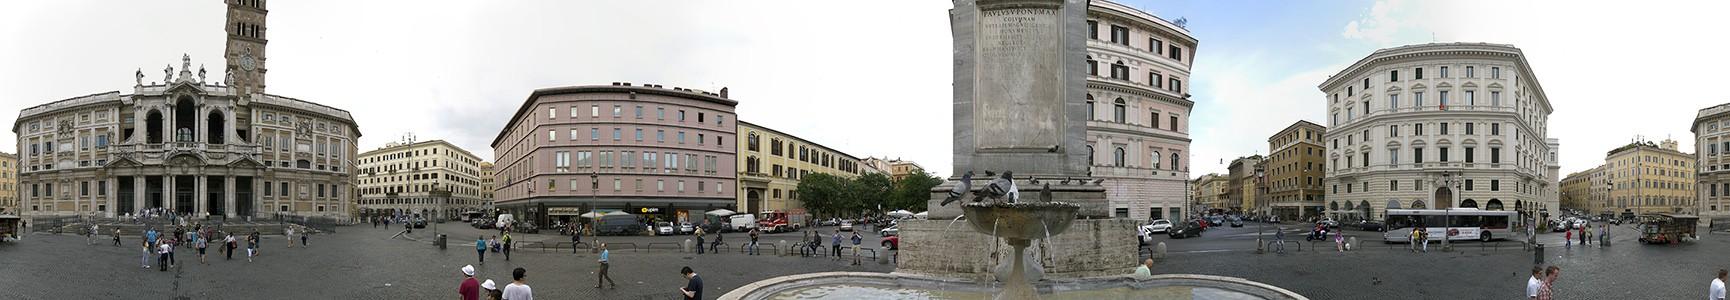 Piazza di Santa Maria Maggiore, Santa Maria Maggiore, Fontana di Piazza Santa Maria Maggiore Rom